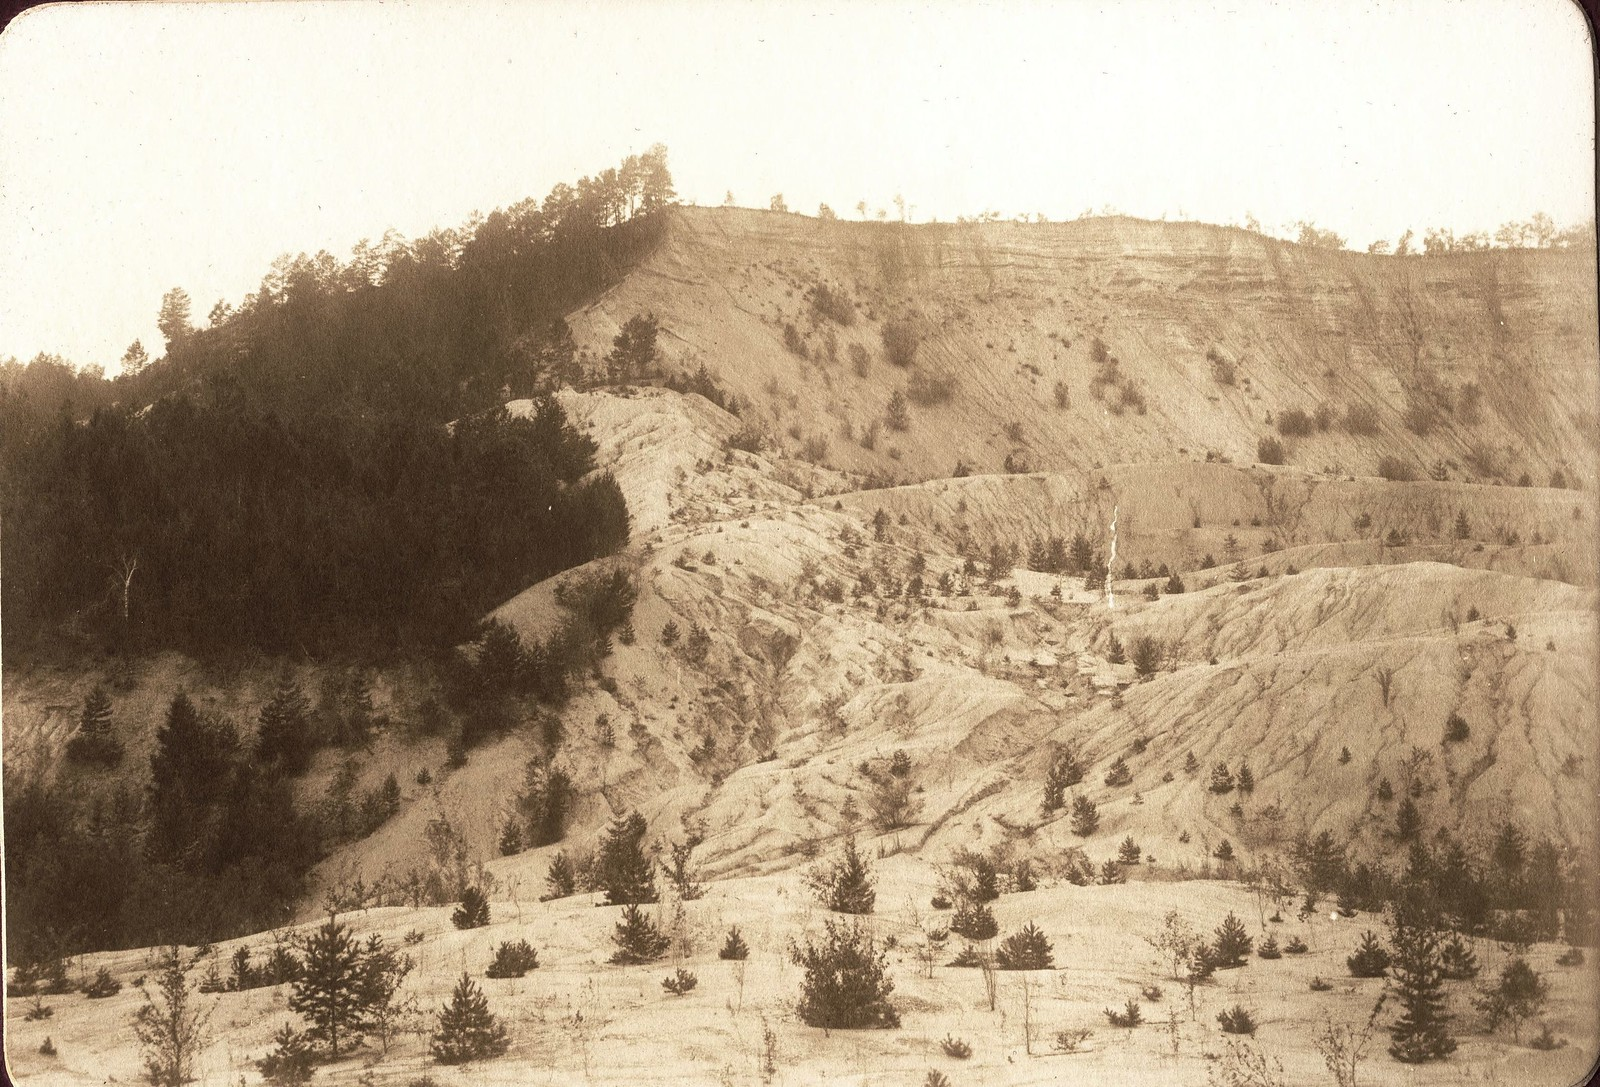 Вид обрывистого песчаного берега реки Зеи ниже деревни Ново-Сретенки